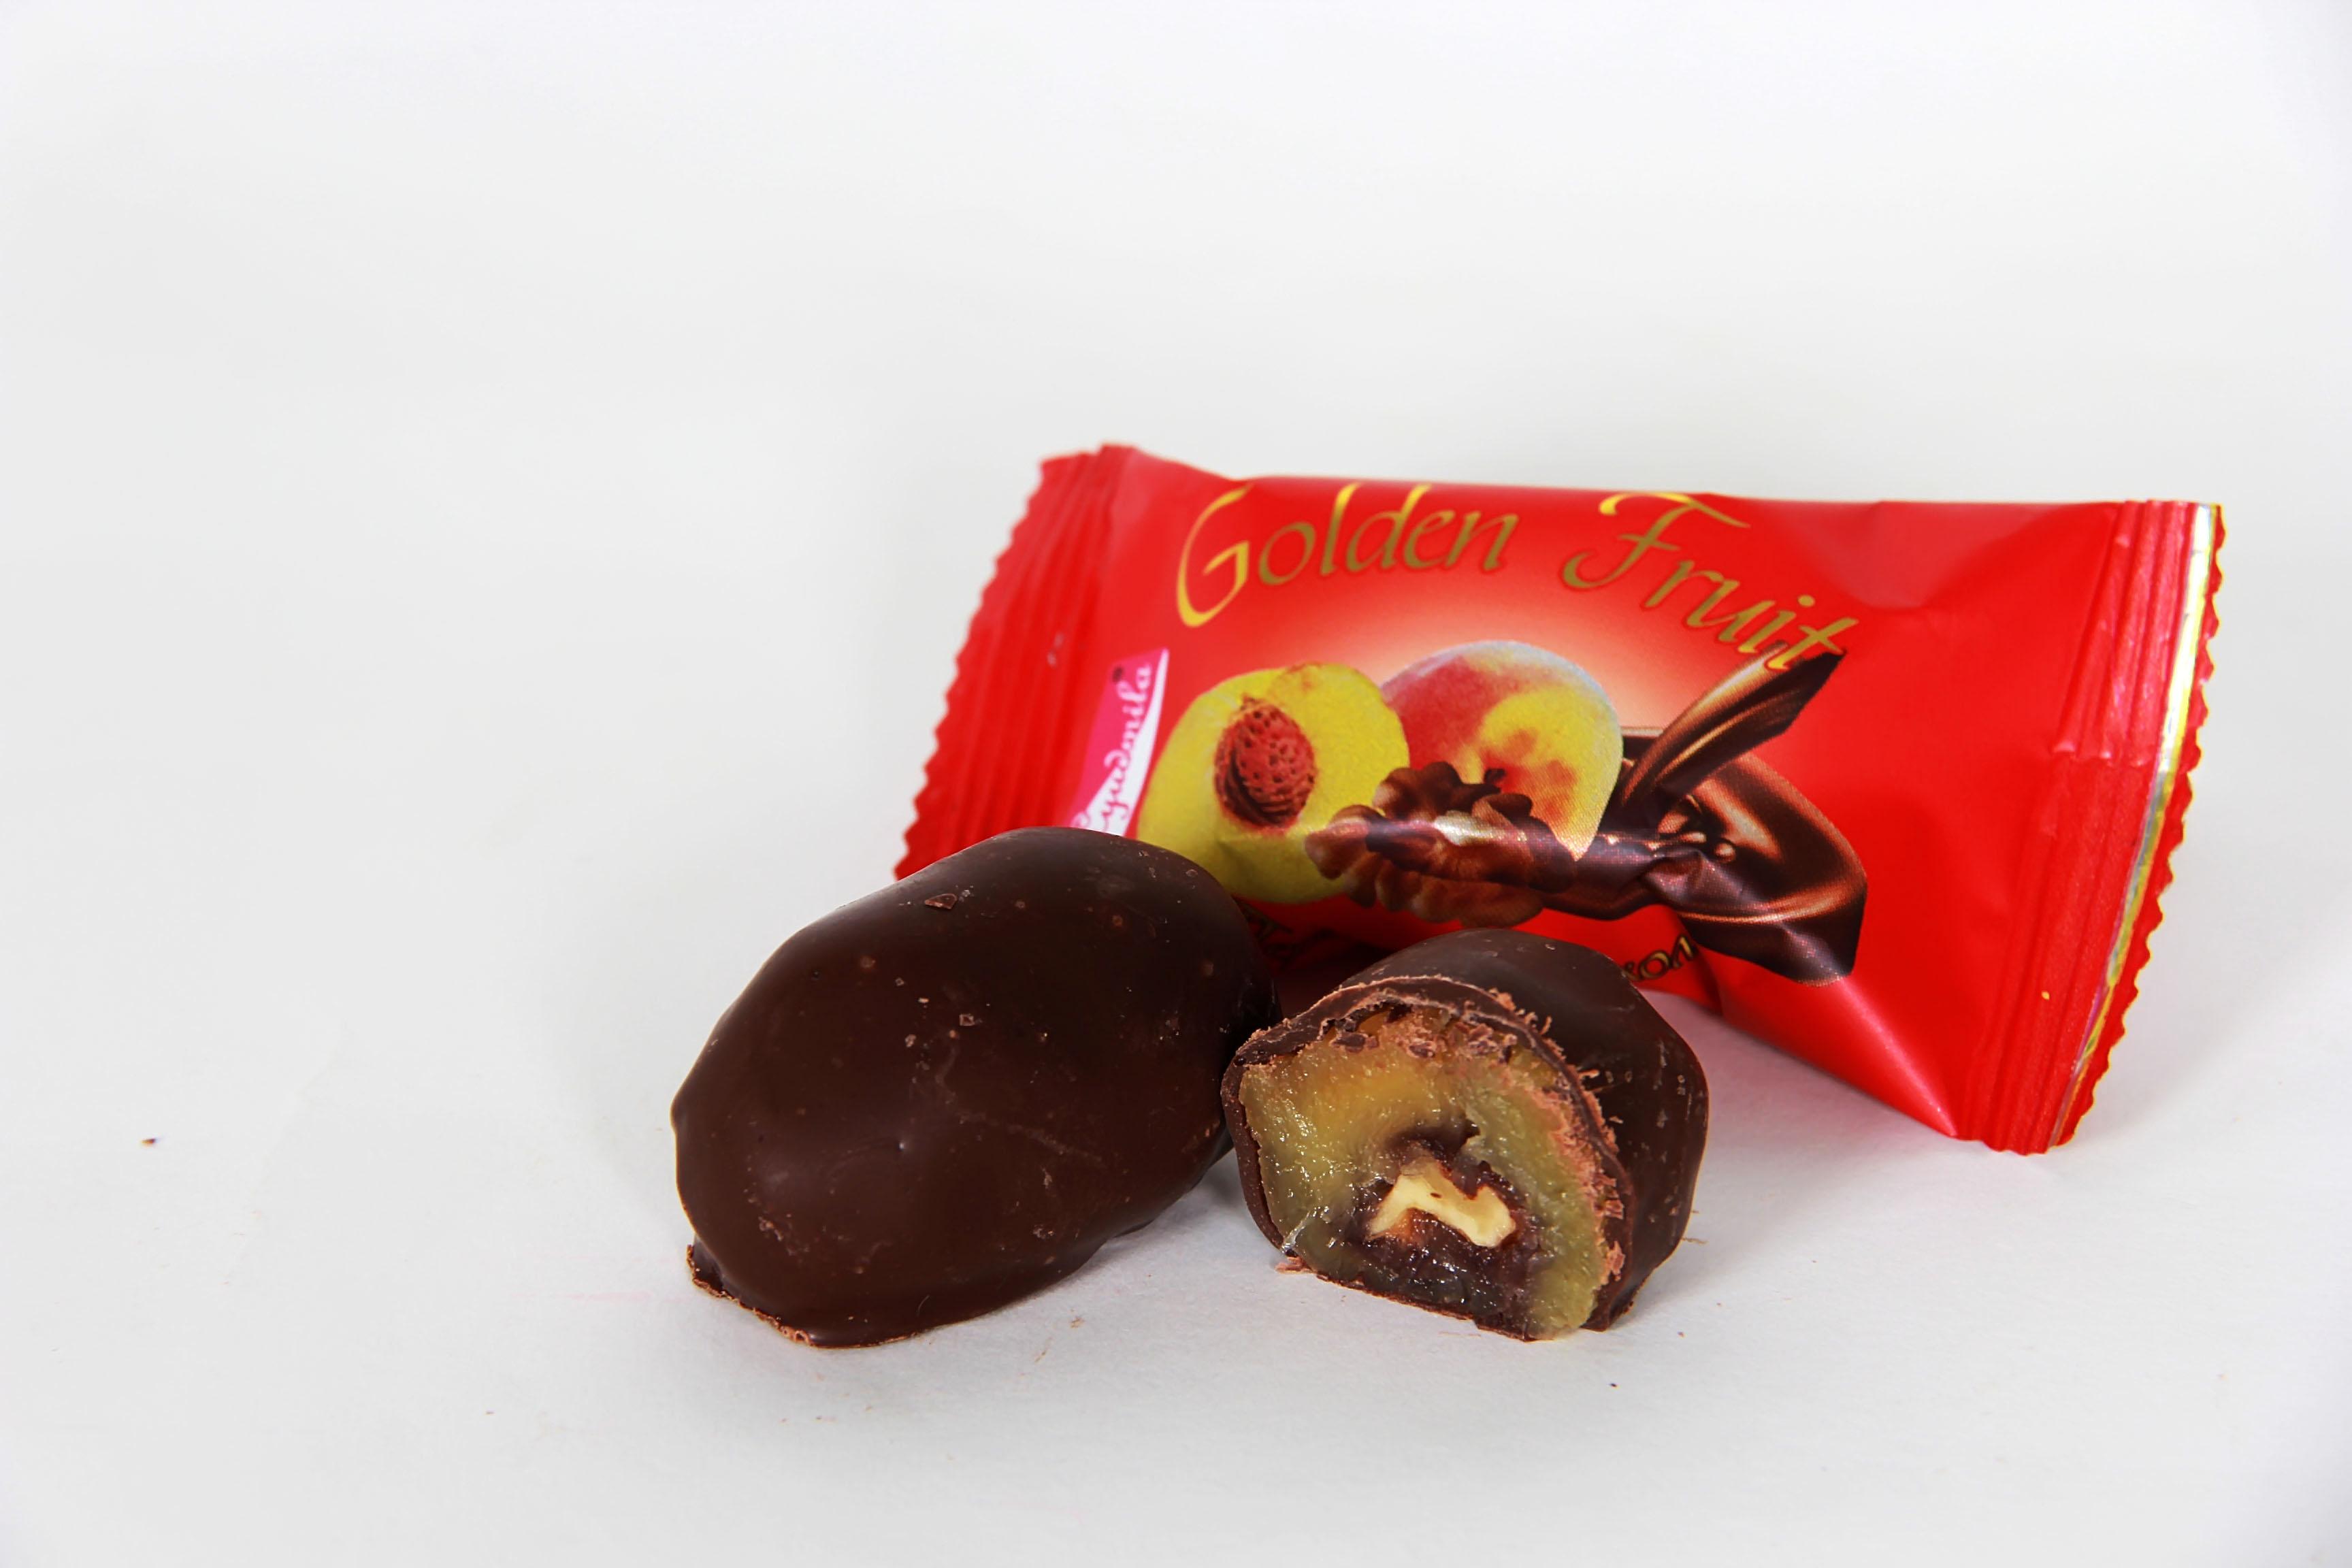 Новий смак цукерок з сухофруктів - персик в шоколаді!